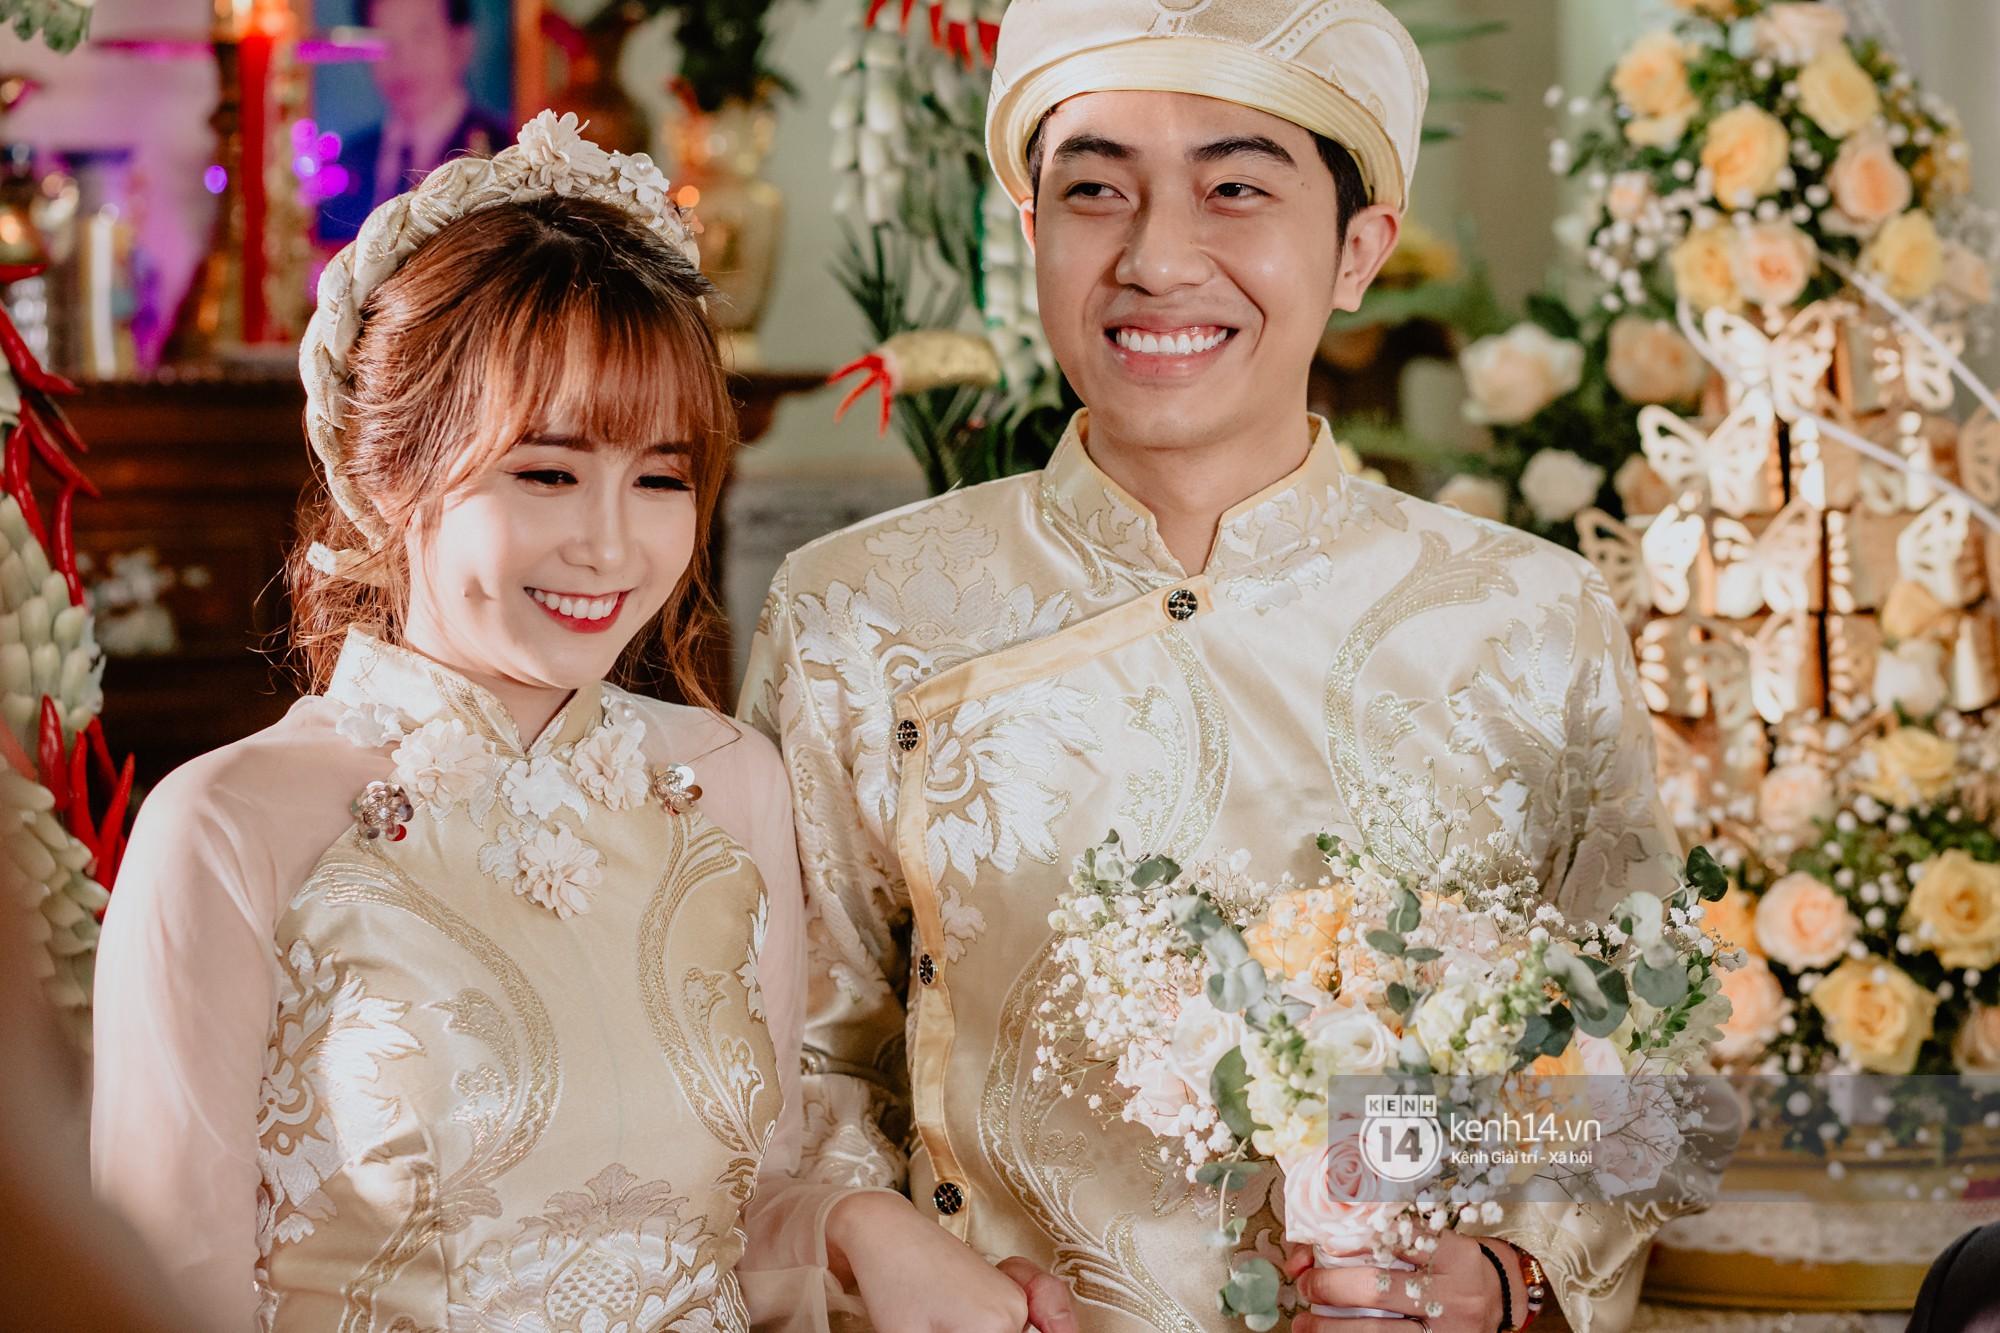 Xem hết một lượt những khoảnh khắc đẹp lịm tim của Cris Phan và Mai Quỳnh Anh: Cái kết đẹp của mối tình Chị ơi, anh yêu em! - Ảnh 1.